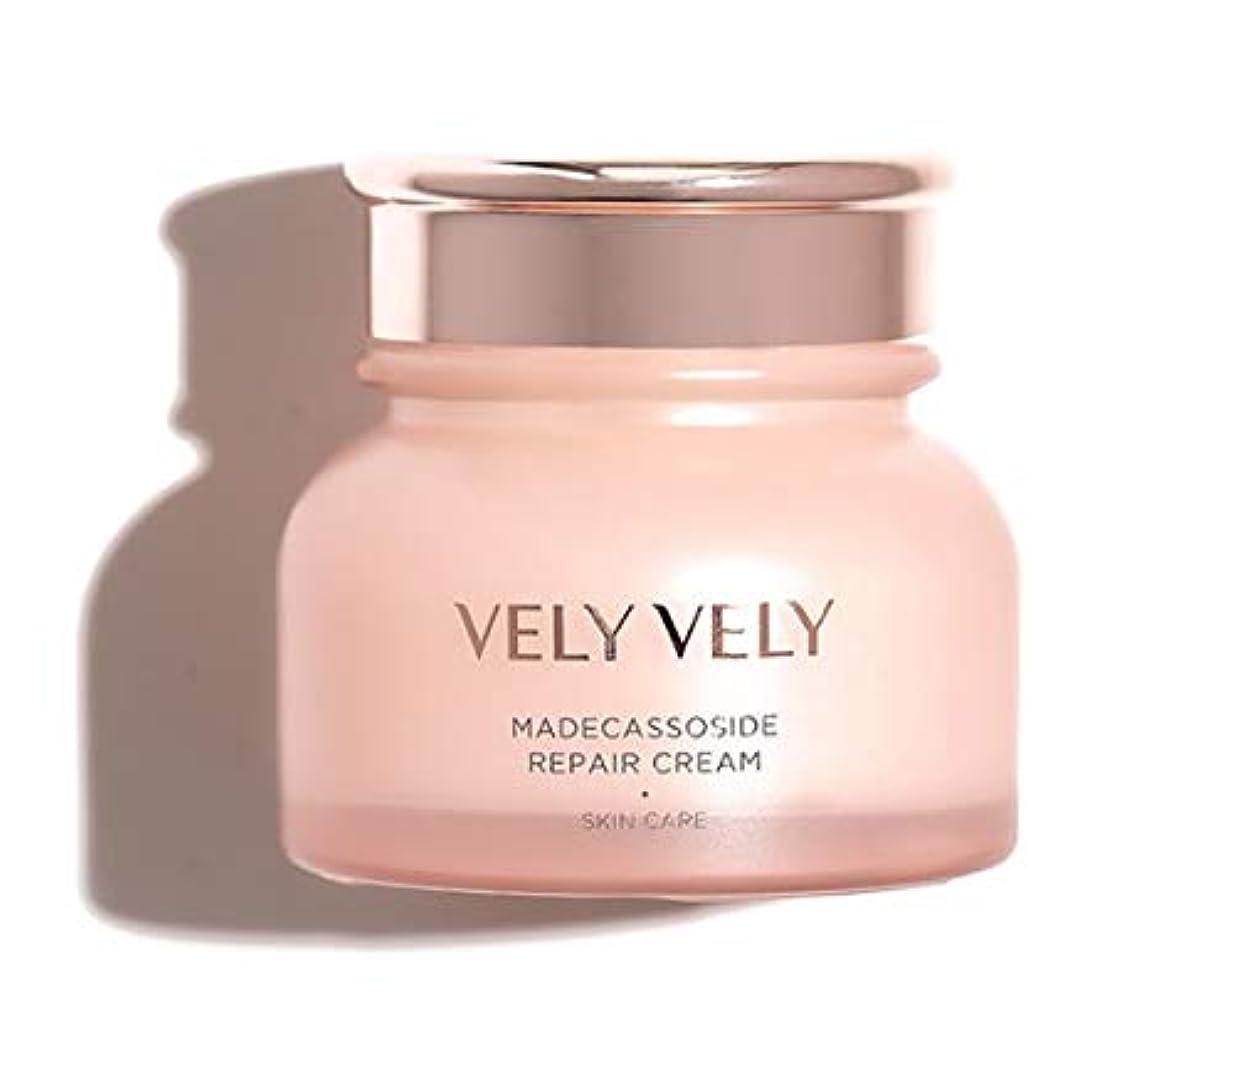 アルバニー自動宇宙のVELY VELY Madecassoside Cream 50ml / ブリーブリー マデカソシドクリーム 50ml [並行輸入品]